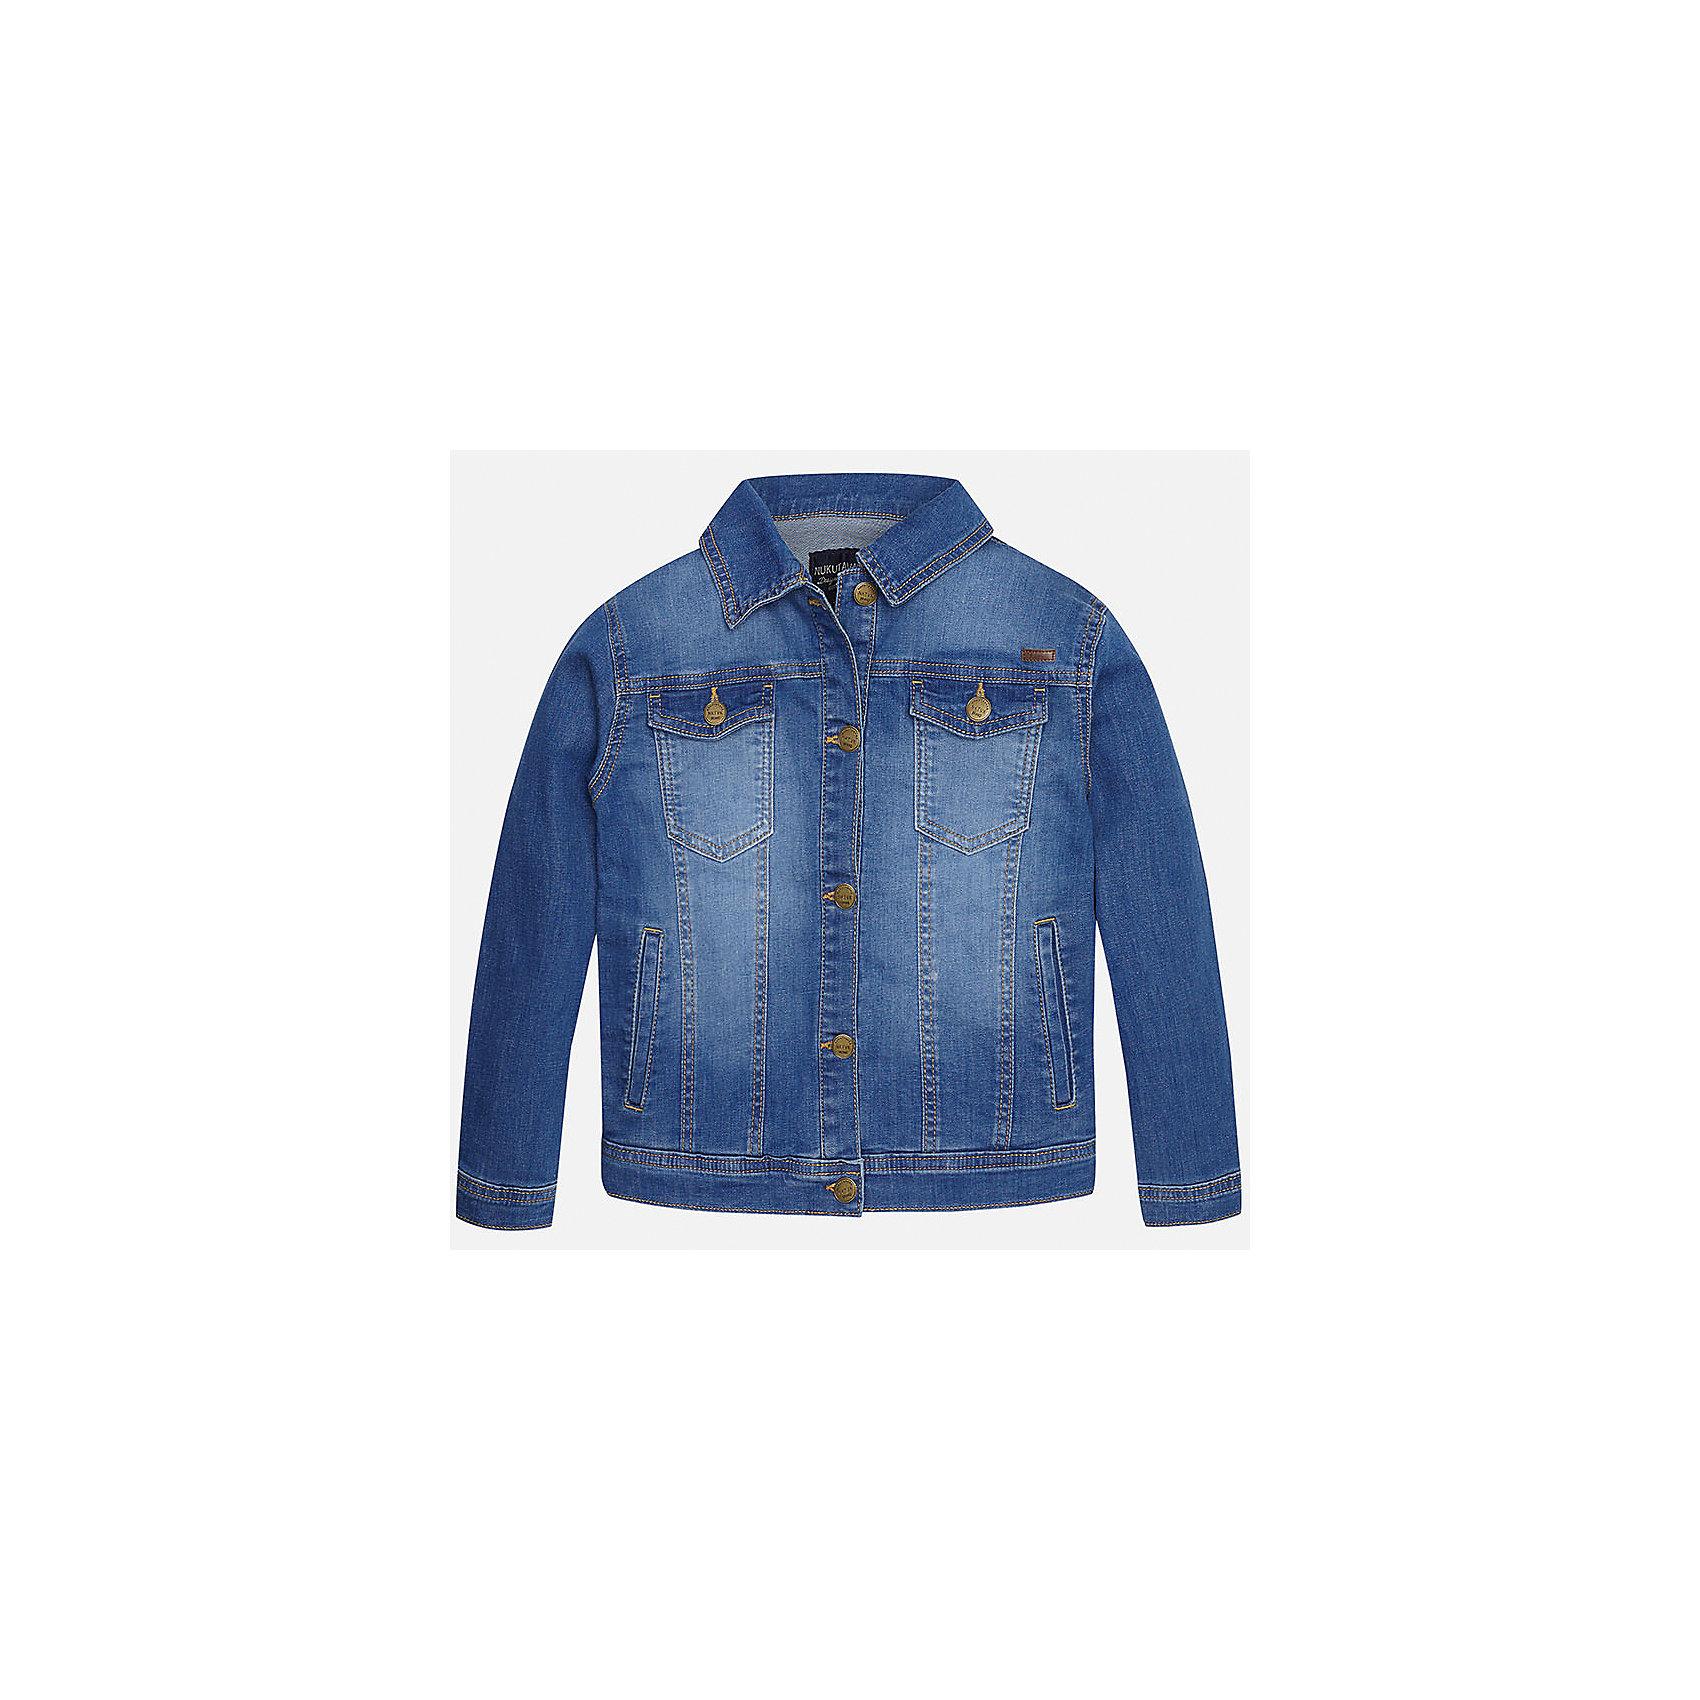 Куртка джинсовая для мальчика MayoralХарактеристики товара:<br><br>• цвет: голубой<br>• состав: 97% хлопок, 3% эластан<br>• отложной воротник<br>• карманы<br>• застежка: пуговицы<br>• эффект потертостей<br>• страна бренда: Испания<br><br>Джинсовая куртка для мальчика может стать базовой вещью в гардеробе ребенка. Она отлично сочетается с майками, футболками, рубашками и т.д. Универсальный крой и цвет позволяет подобрать к вещи низ разных расцветок. Практичное и стильное изделие! В составе материала - натуральный хлопок, гипоаллергенный, приятный на ощупь, дышащий.<br><br>Одежда, обувь и аксессуары от испанского бренда Mayoral полюбились детям и взрослым по всему миру. Модели этой марки - стильные и удобные. Для их производства используются только безопасные, качественные материалы и фурнитура. Порадуйте ребенка модными и красивыми вещами от Mayoral! <br><br>Куртку для мальчика от испанского бренда Mayoral (Майорал) можно купить в нашем интернет-магазине.<br><br>Ширина мм: 356<br>Глубина мм: 10<br>Высота мм: 245<br>Вес г: 519<br>Цвет: голубой<br>Возраст от месяцев: 84<br>Возраст до месяцев: 96<br>Пол: Мужской<br>Возраст: Детский<br>Размер: 140,128/134,170,164,158,152<br>SKU: 5281895